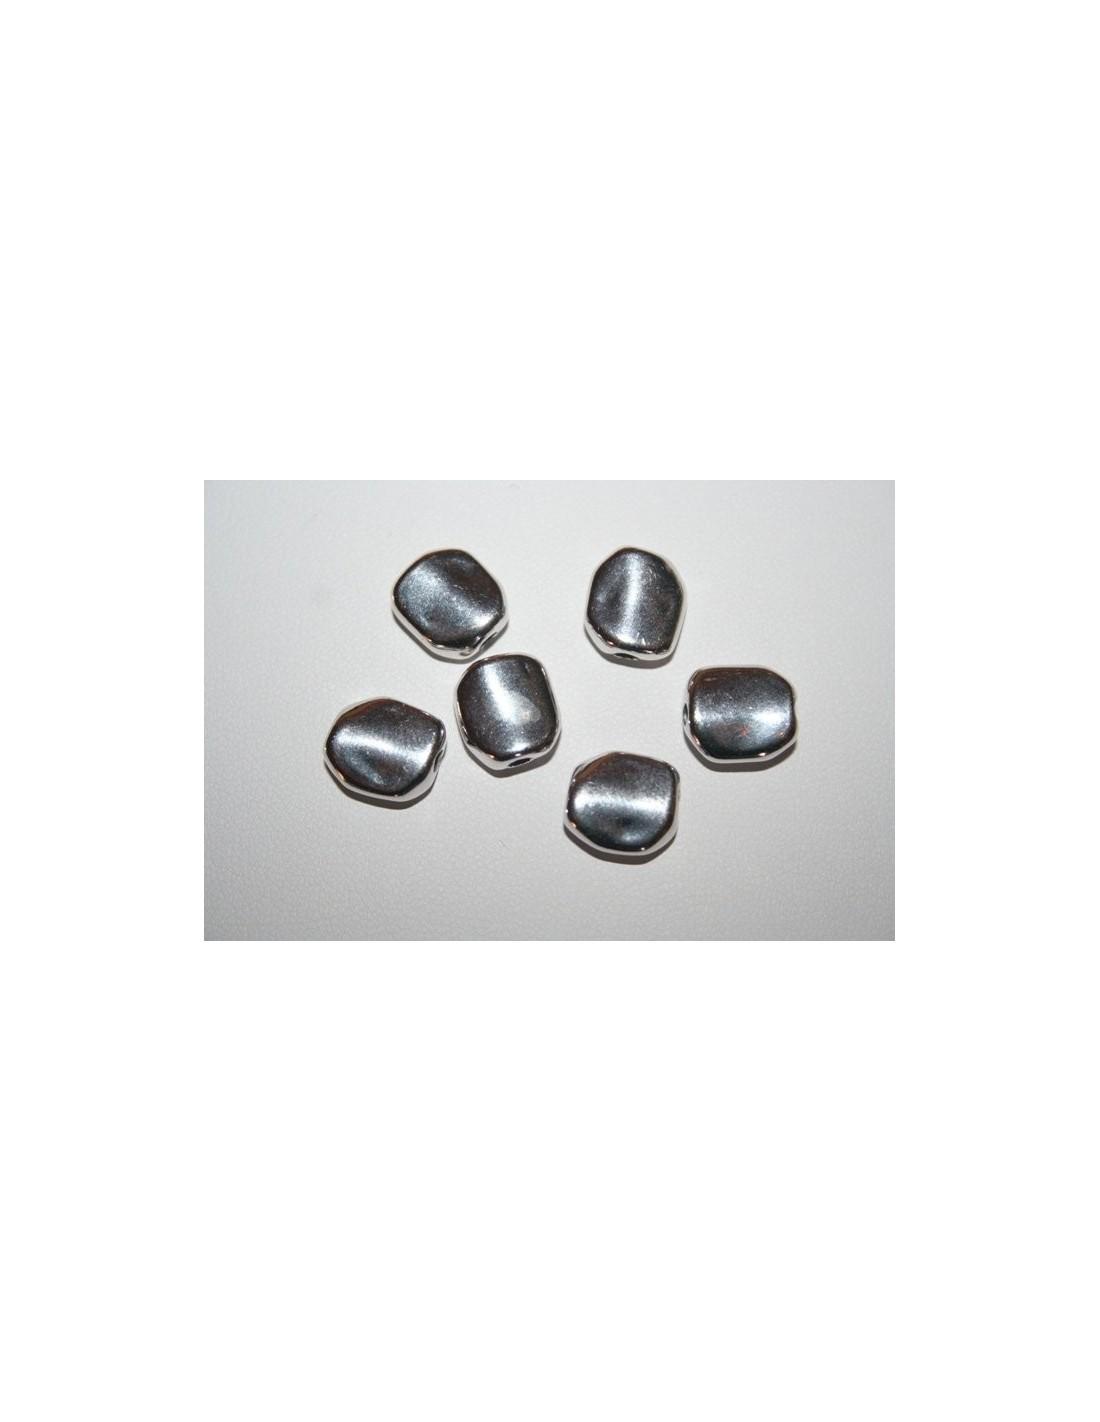 componenti per bigiotteria in argento 925